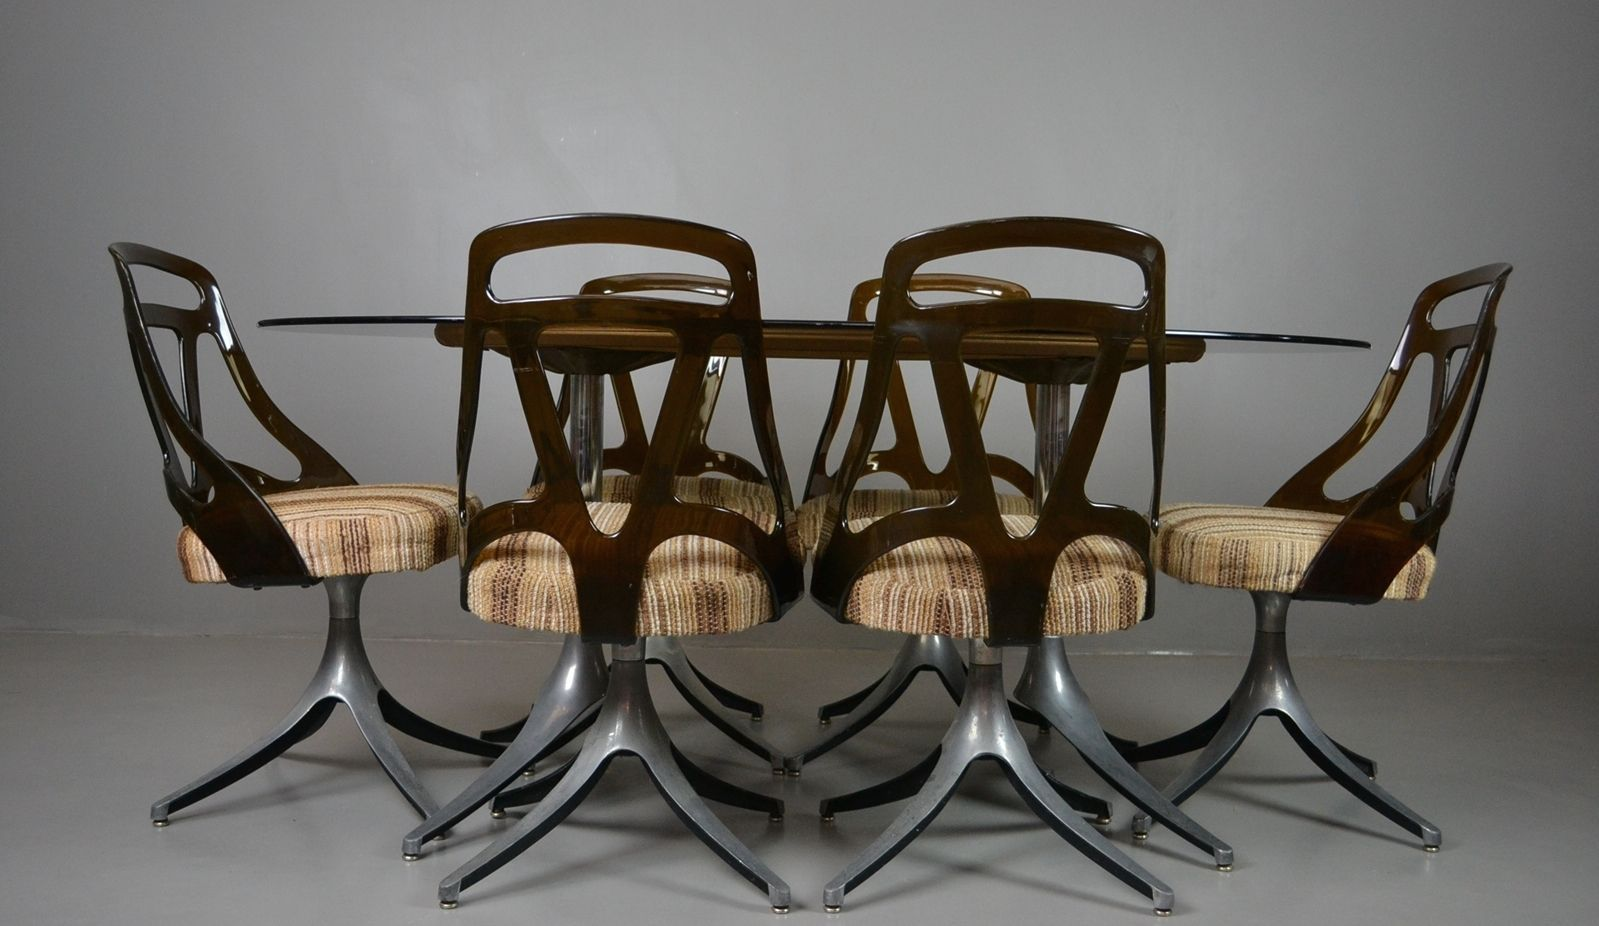 Ovaler glastisch drehst hle set bei pamono kaufen for Ovaler glastisch